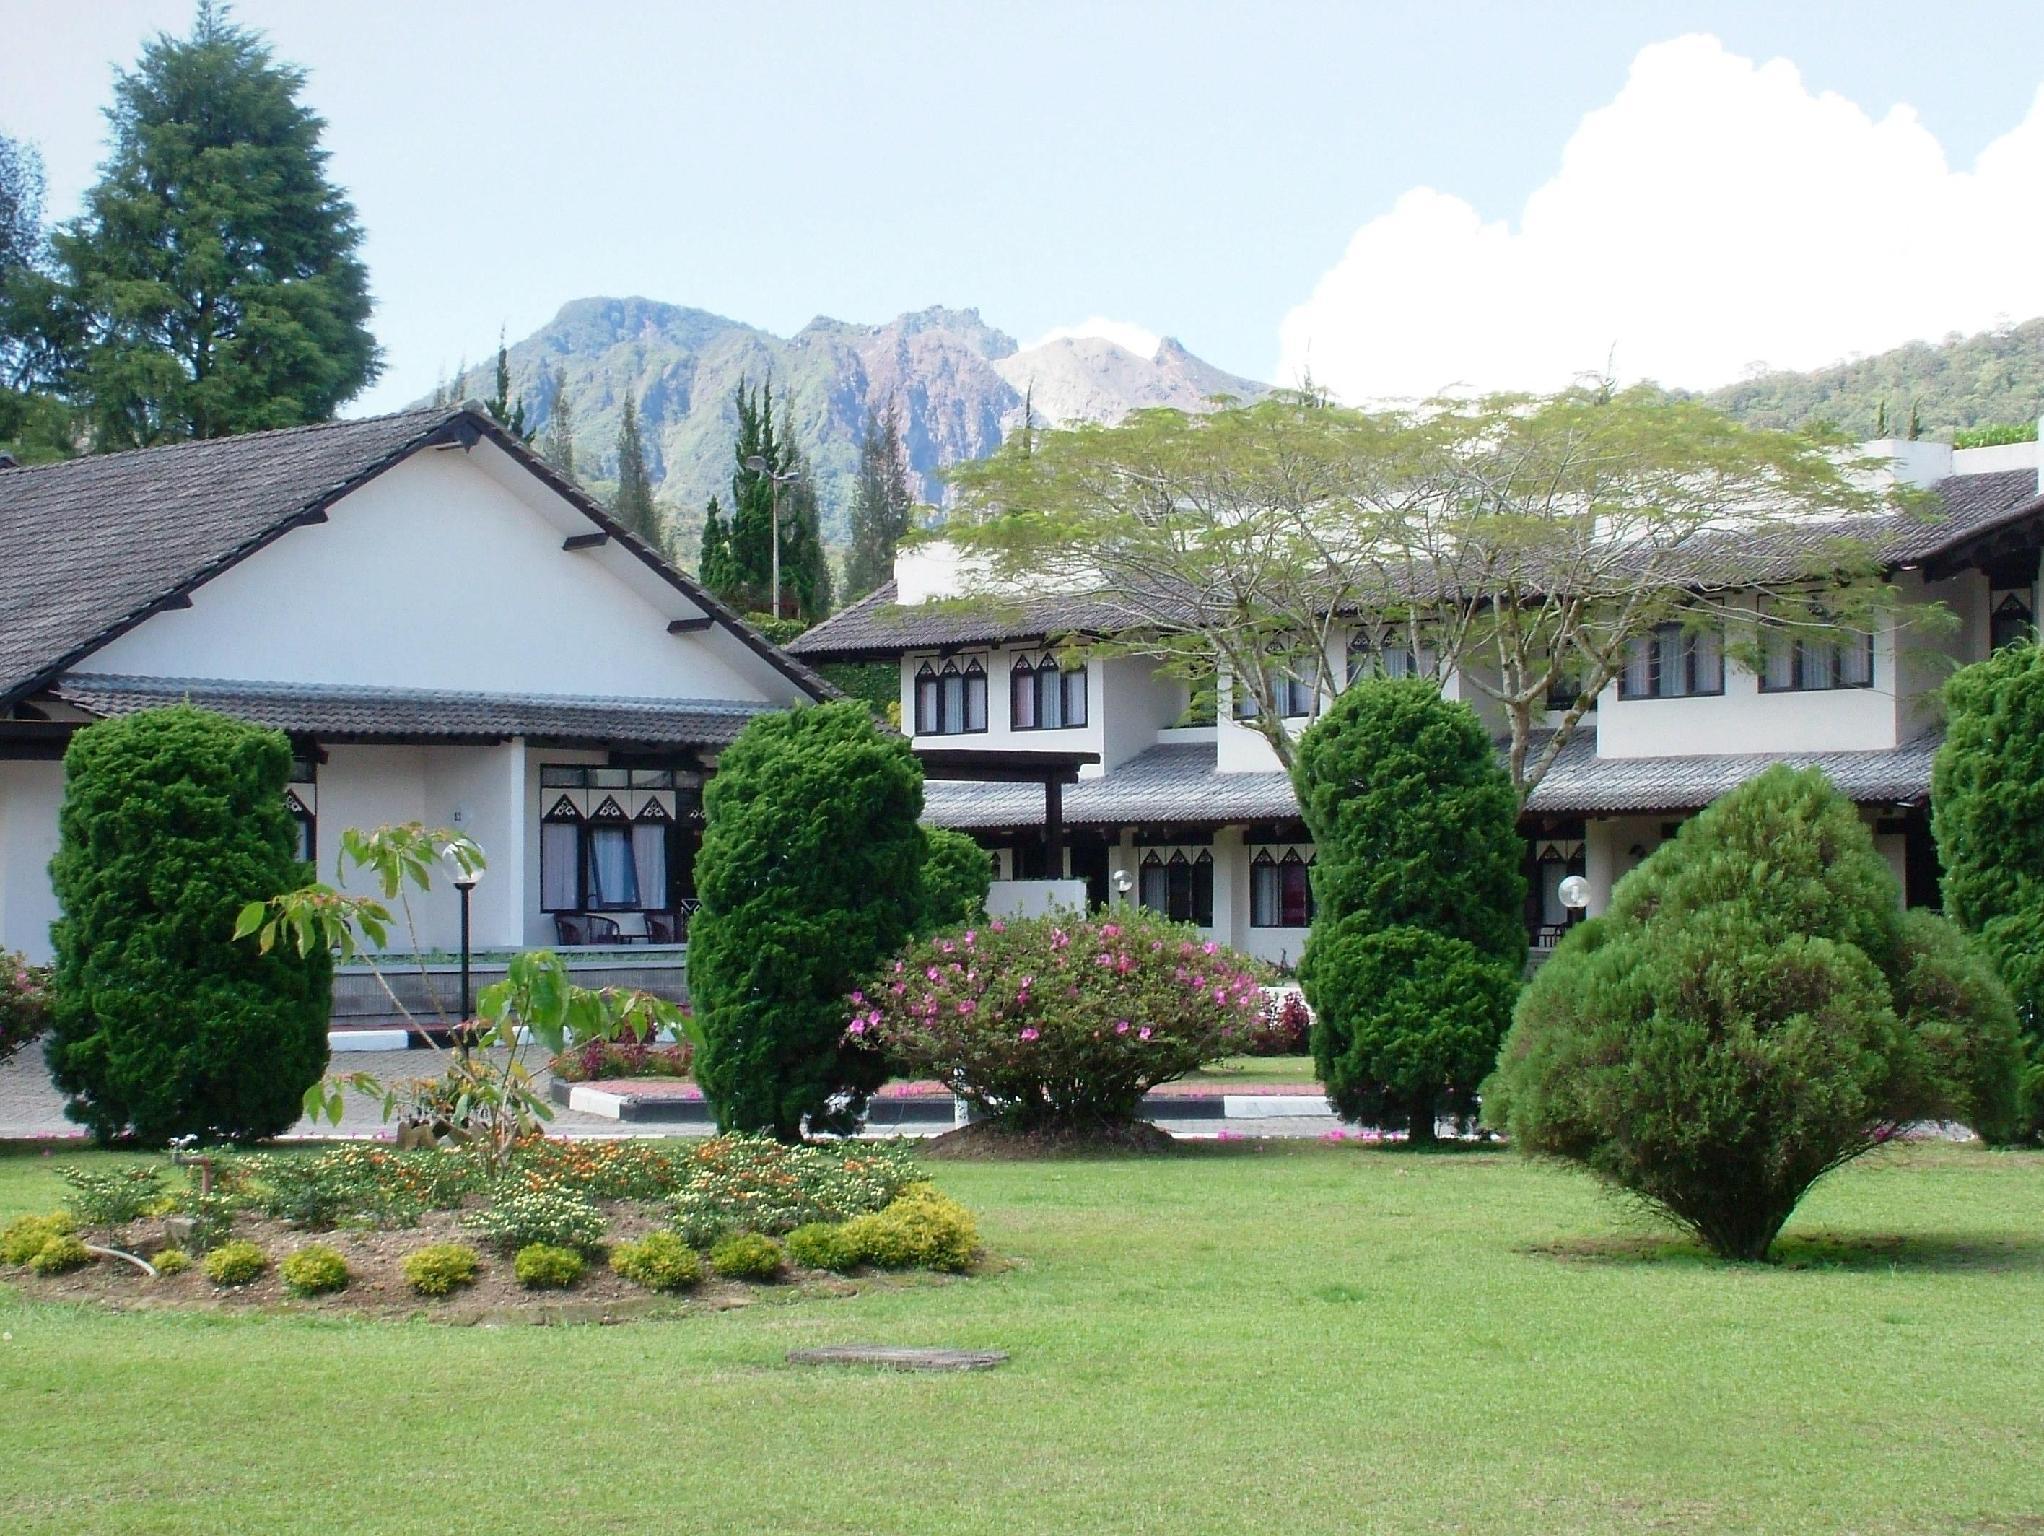 Hotel Sibayak Internasional Berastagi, Karo